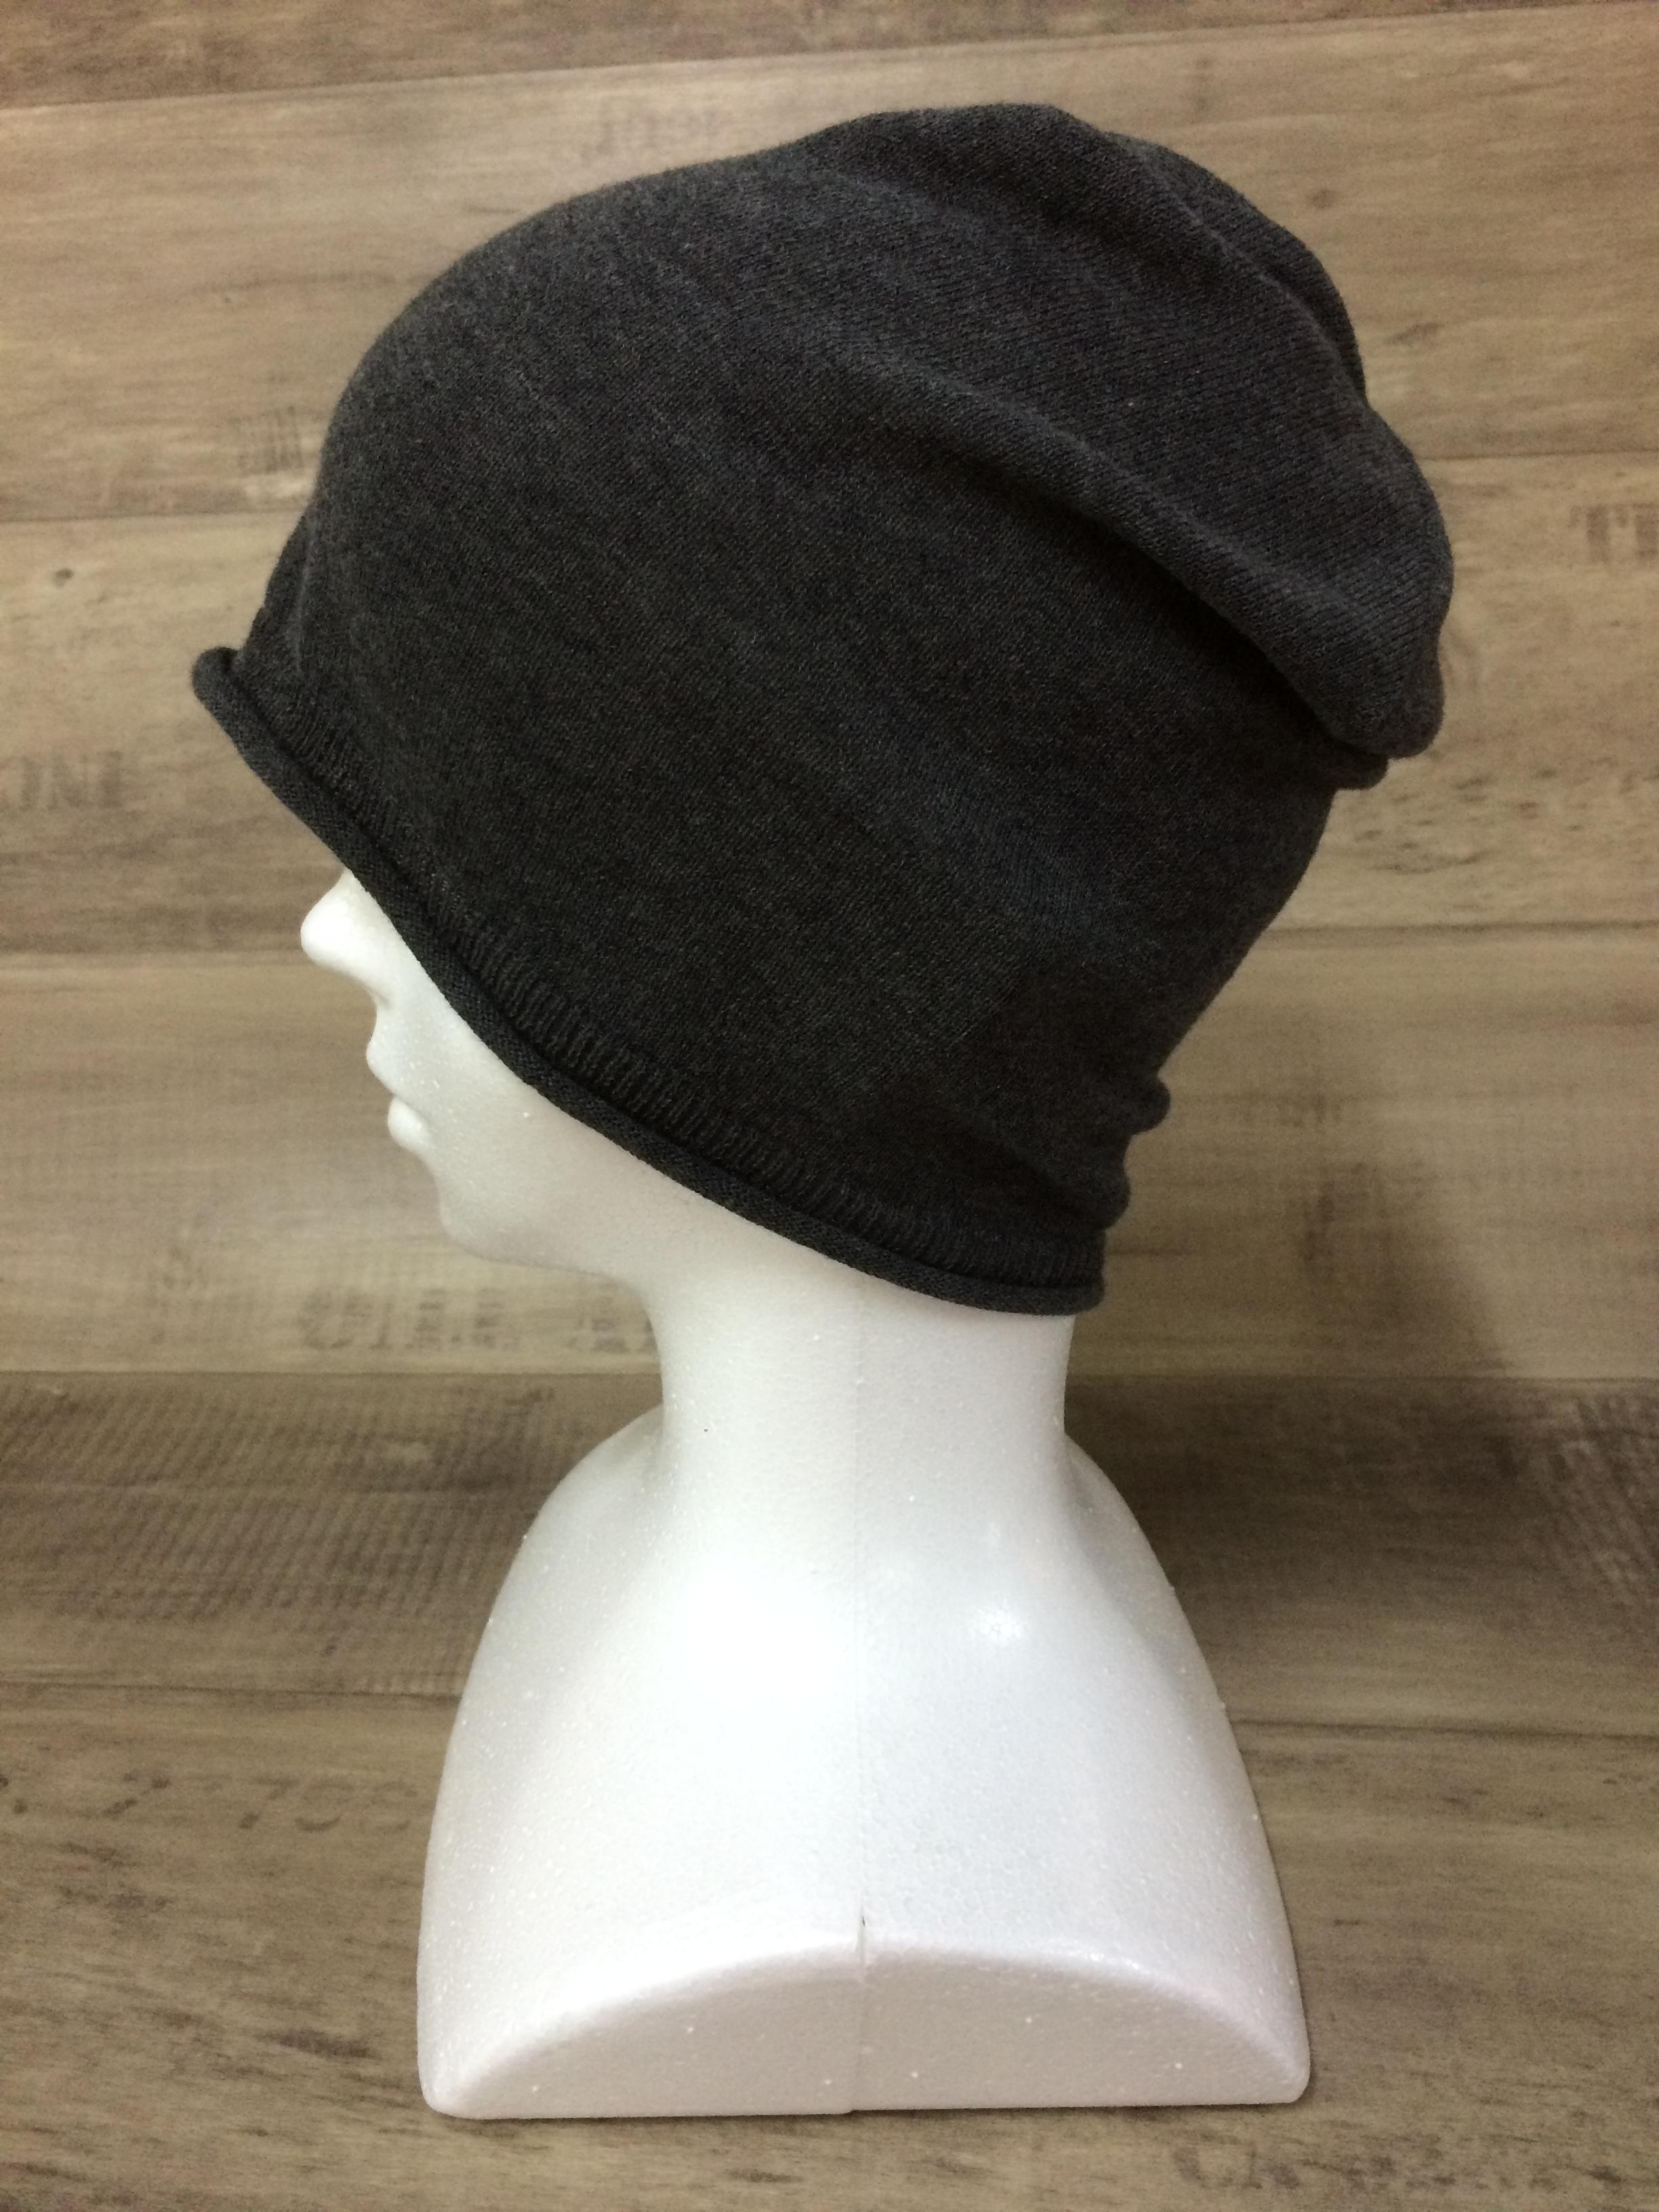 【送料無料】こころが軽くなるニット帽子amuamu|新潟の老舗ニットメーカーが考案した抗がん治療中の脱毛ストレスを軽減する機能性と豊富なデザイン NB-6058|竹炭 <オーガニックコットン アウター>